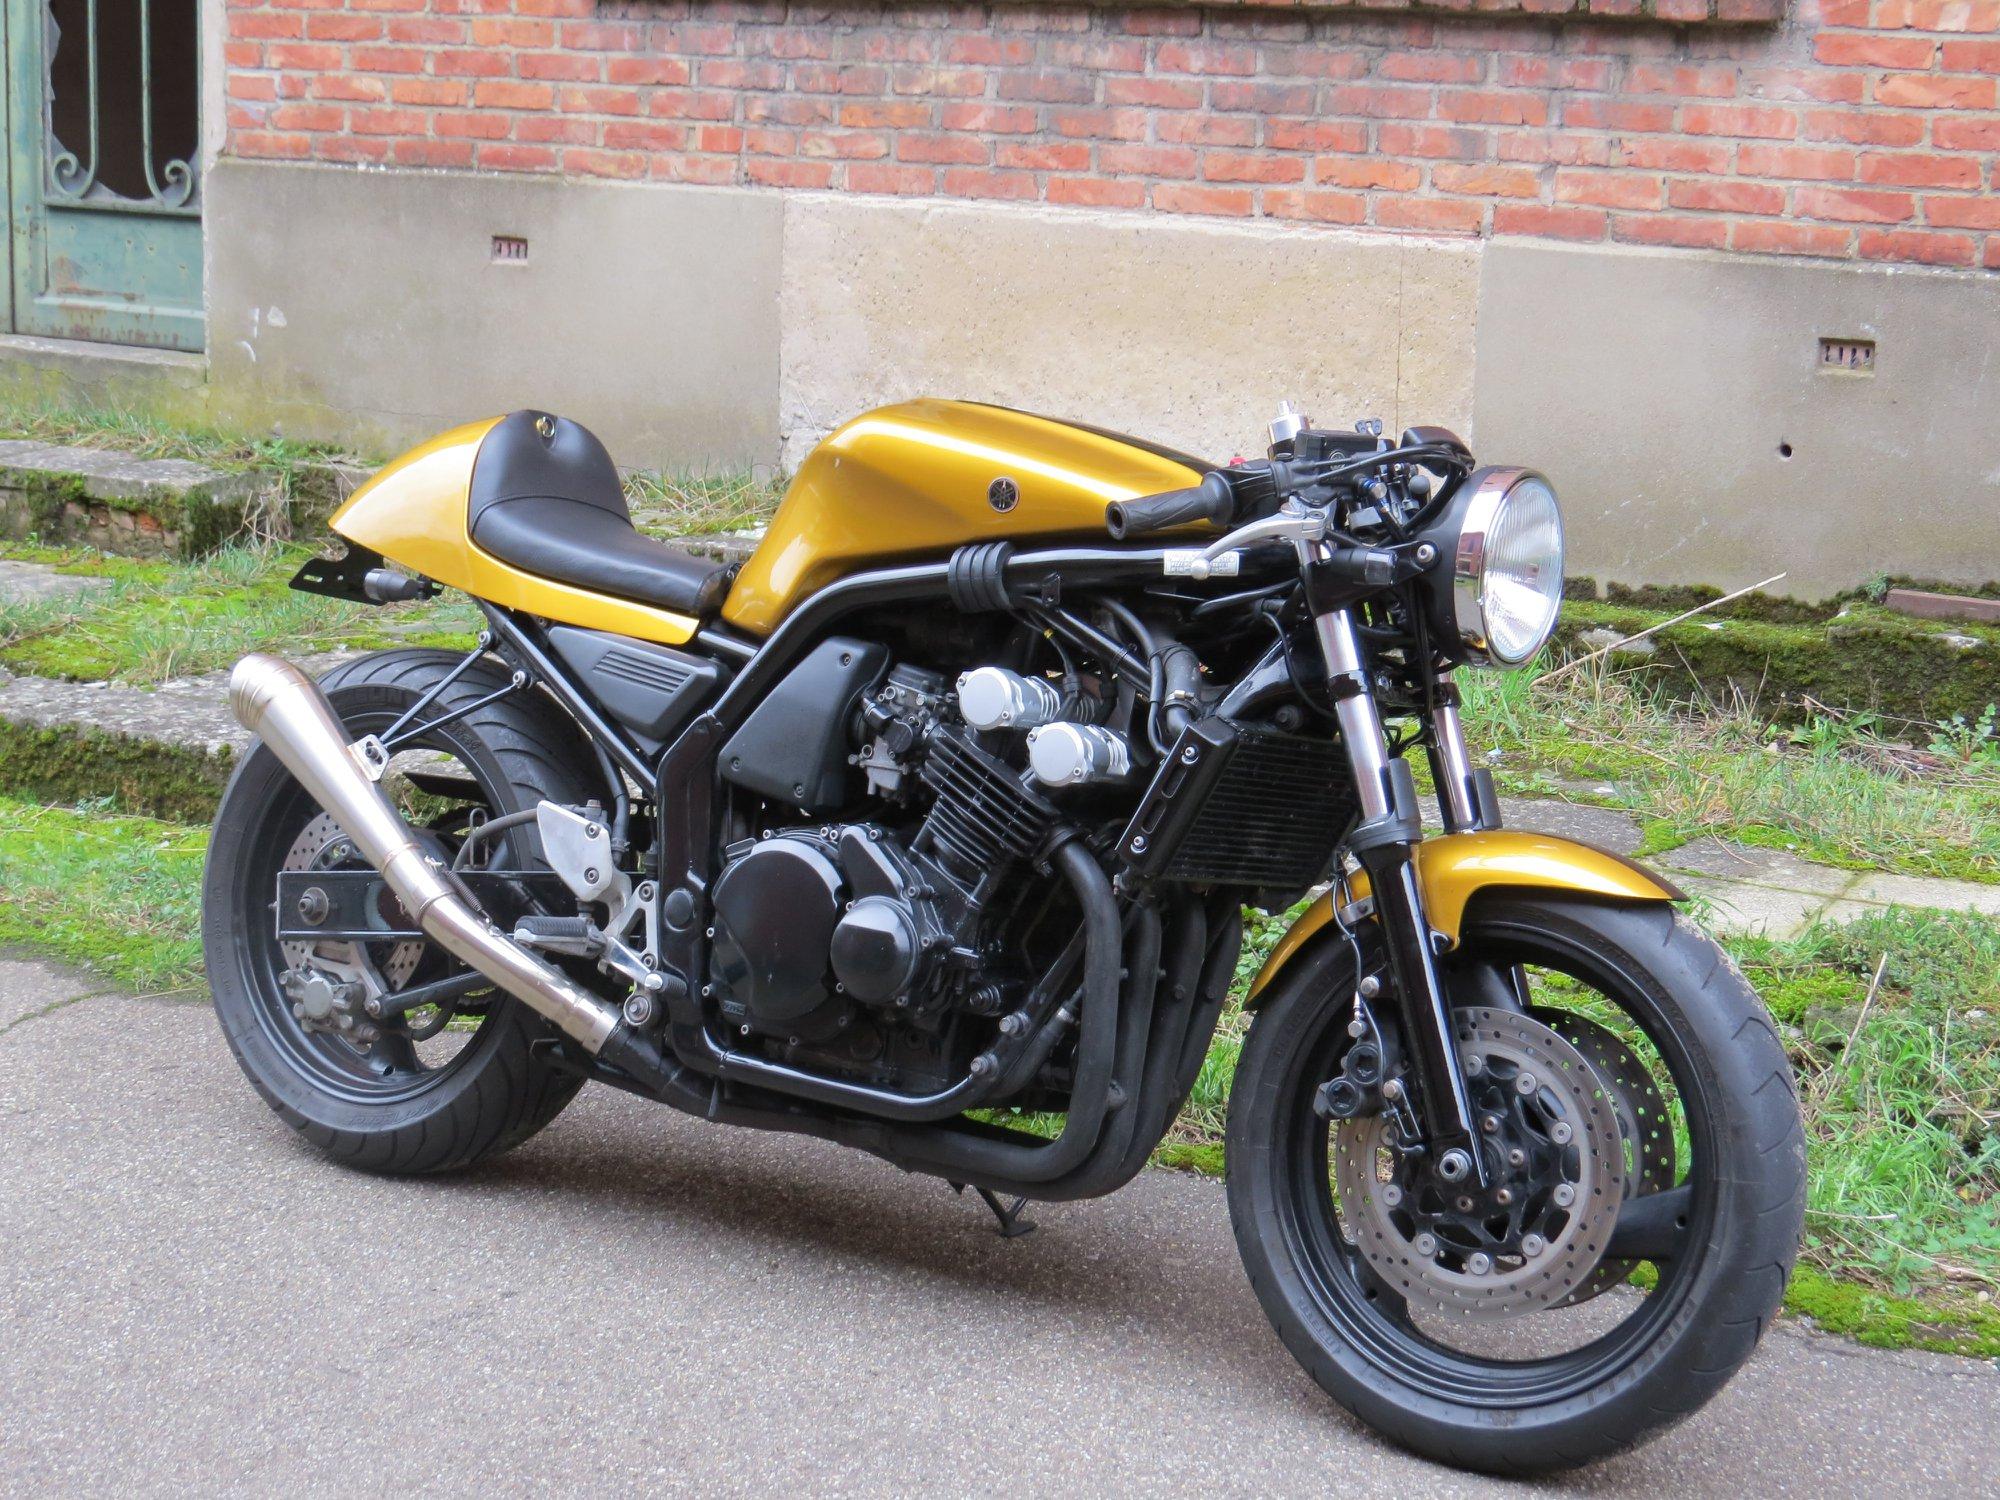 Yamaha Fazer cafe racer gold black